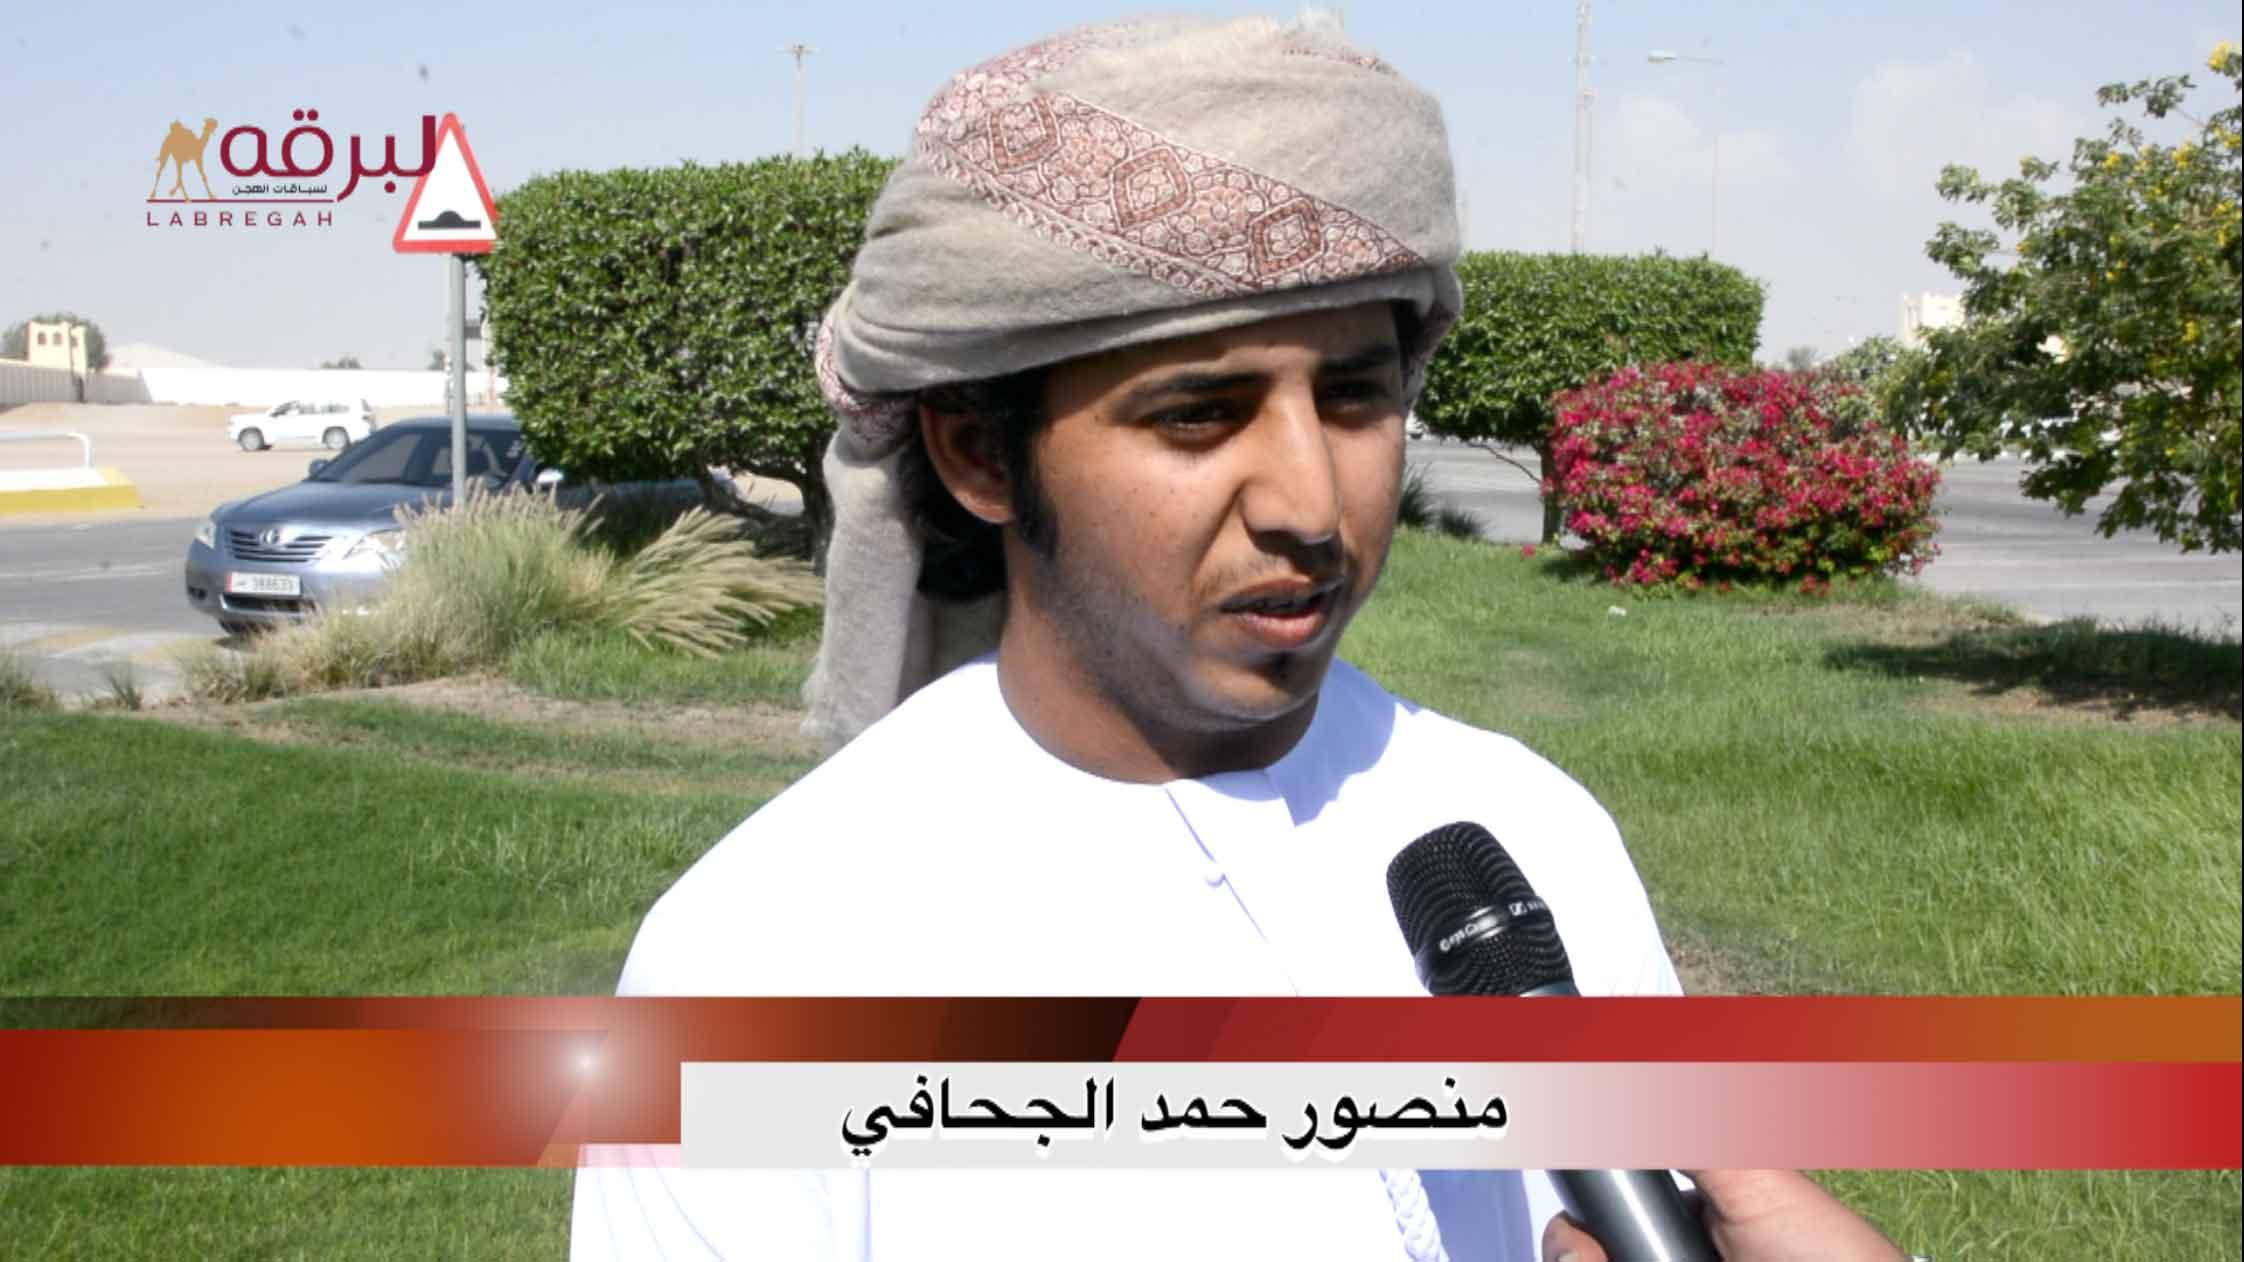 لقاء مع منصور حمد الجحافي.. الشوط الرئيسي للقايا قعدان إنتاج الأشواط العامة  ٦-١١-٢٠٢٠